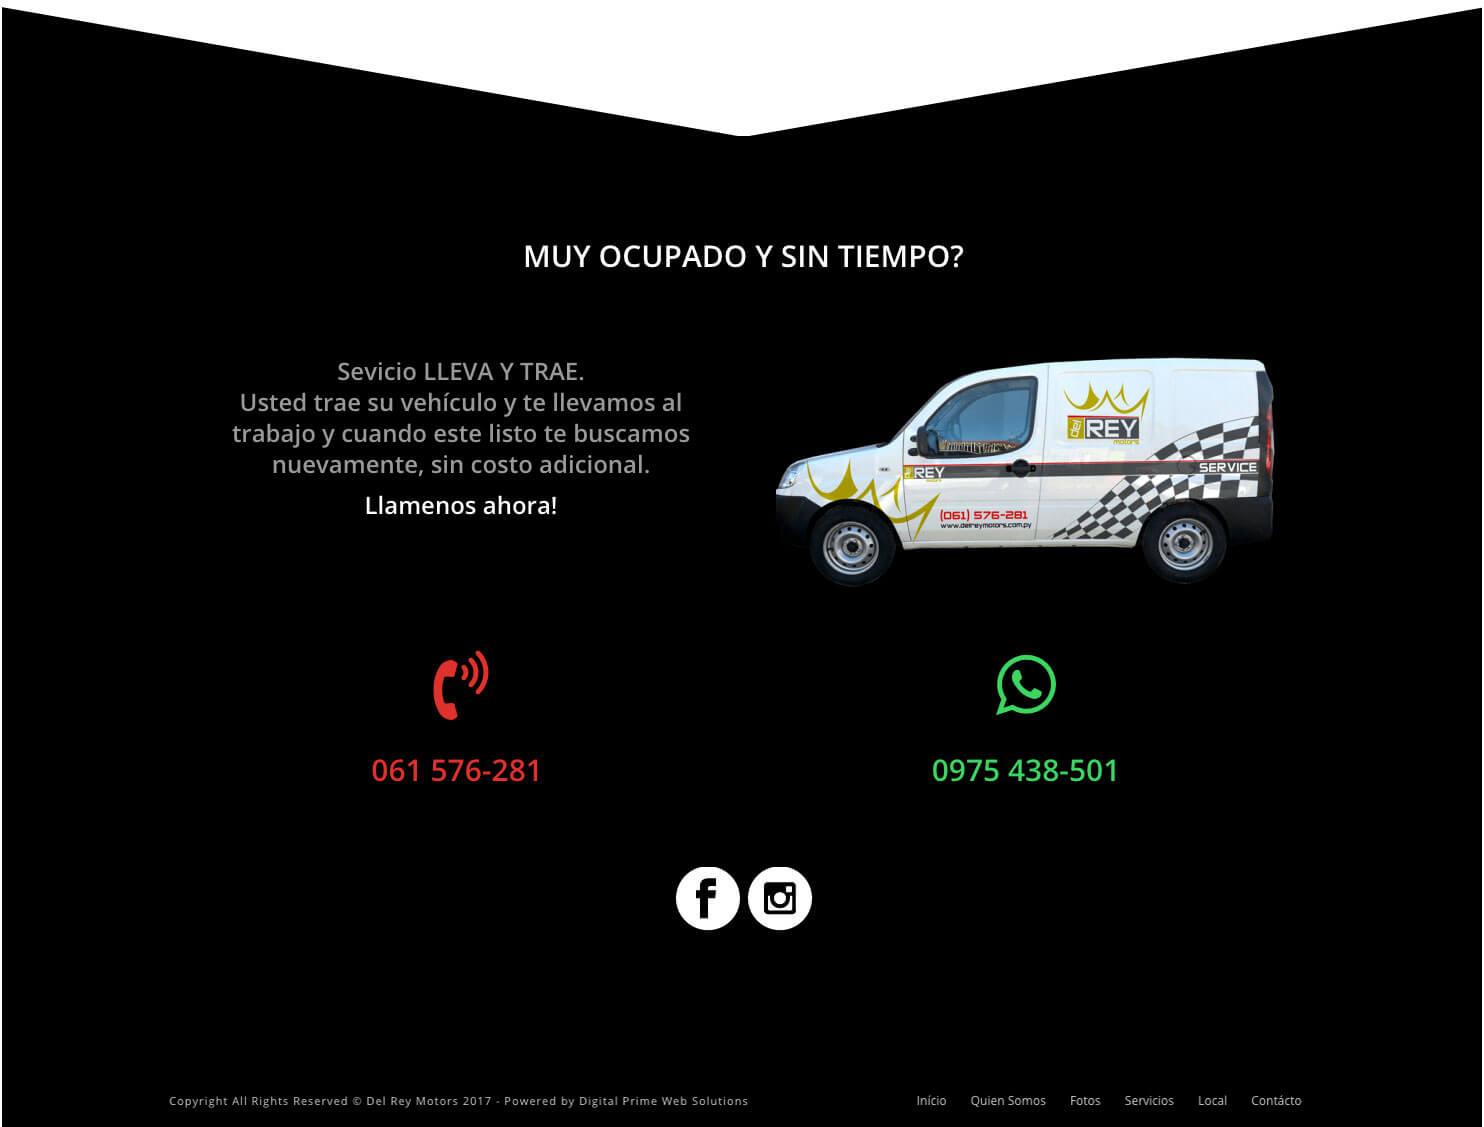 novo-site-del-rey-motors-contatos